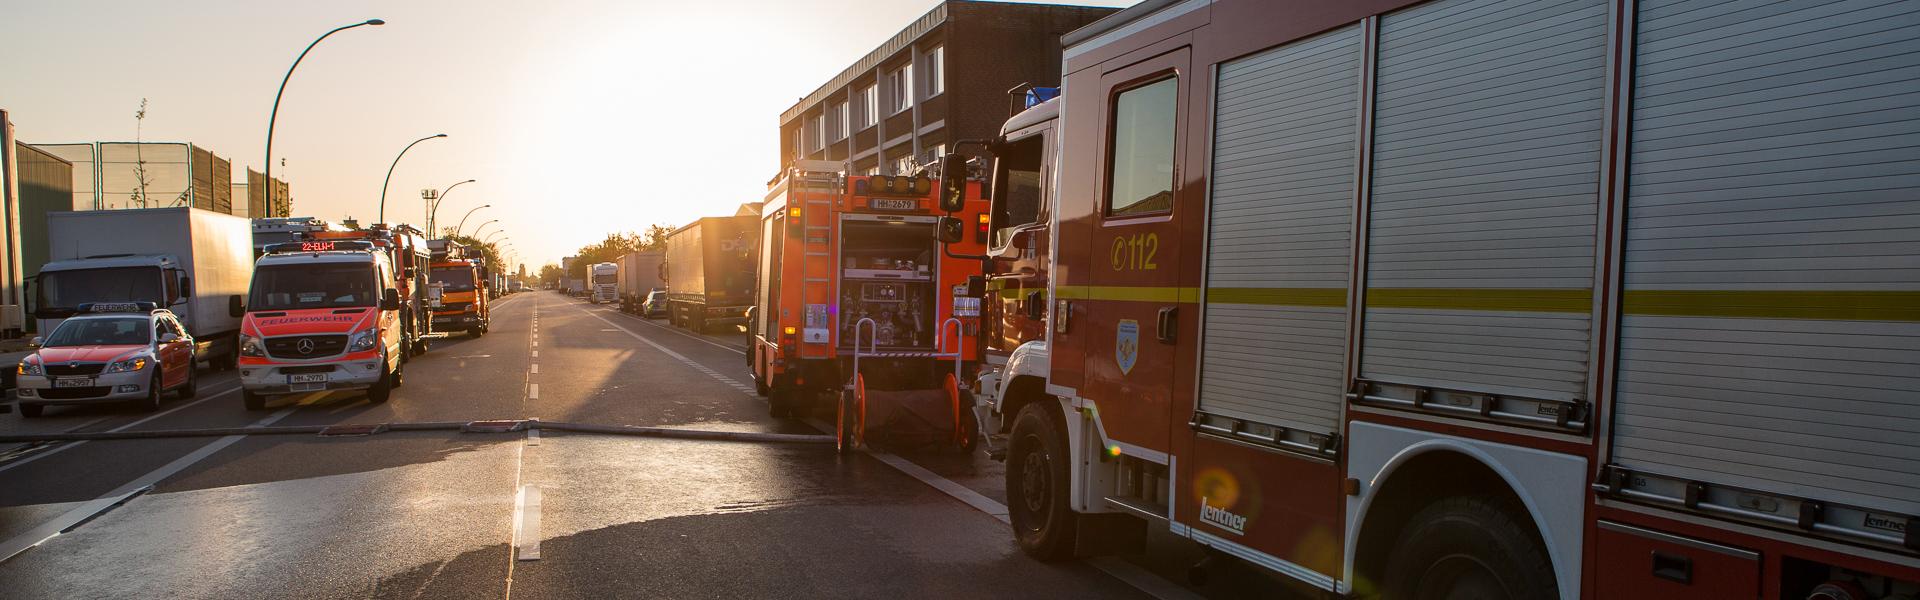 10.05.2019 – Schnelles Eingreifen verhindert Großbrand